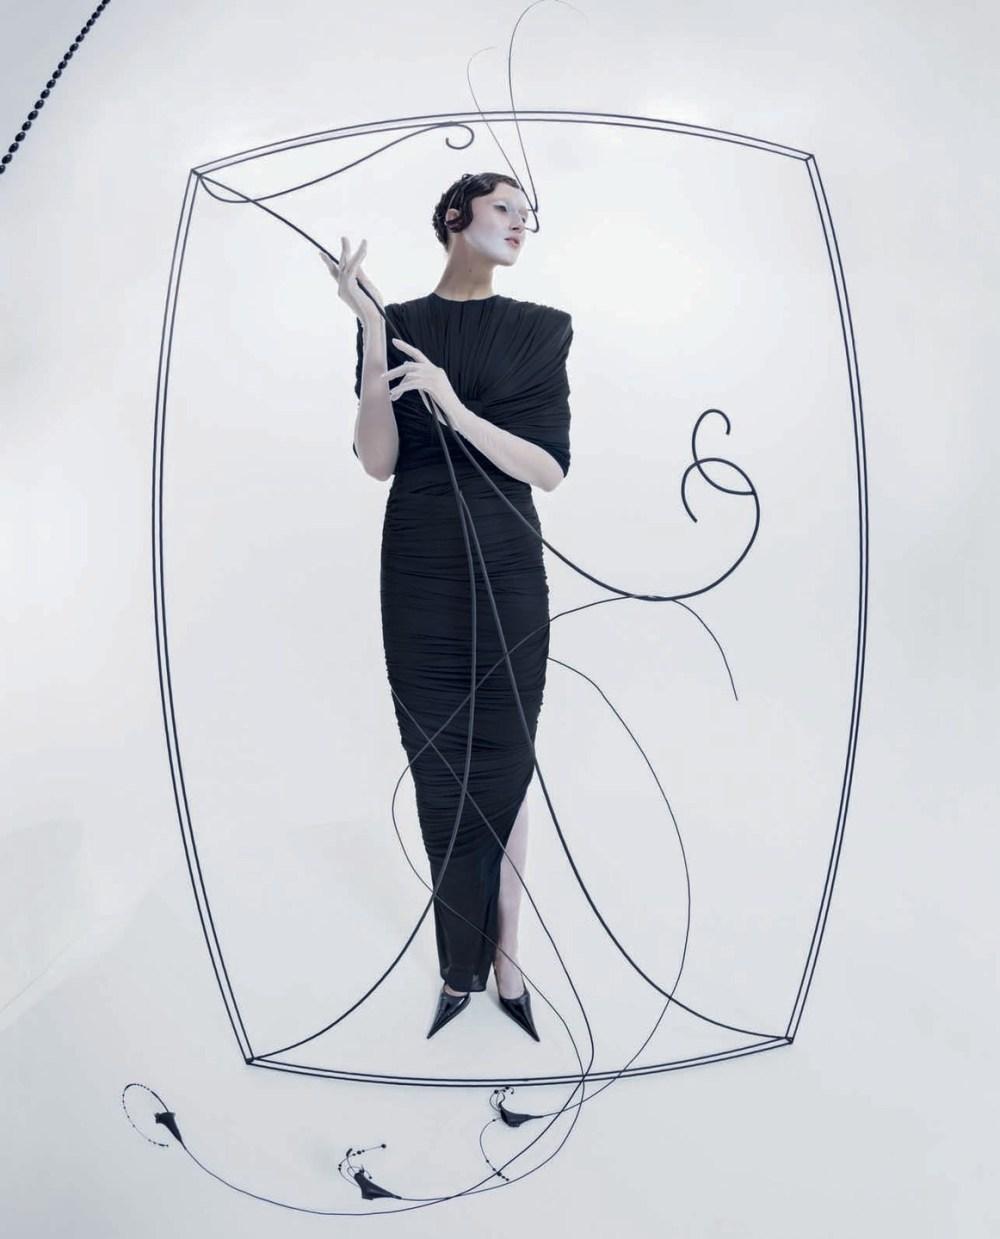 时尚摄影大师Tim Walker时尚摄影:Vogue杂志意大利版2018二月刊《精神中》